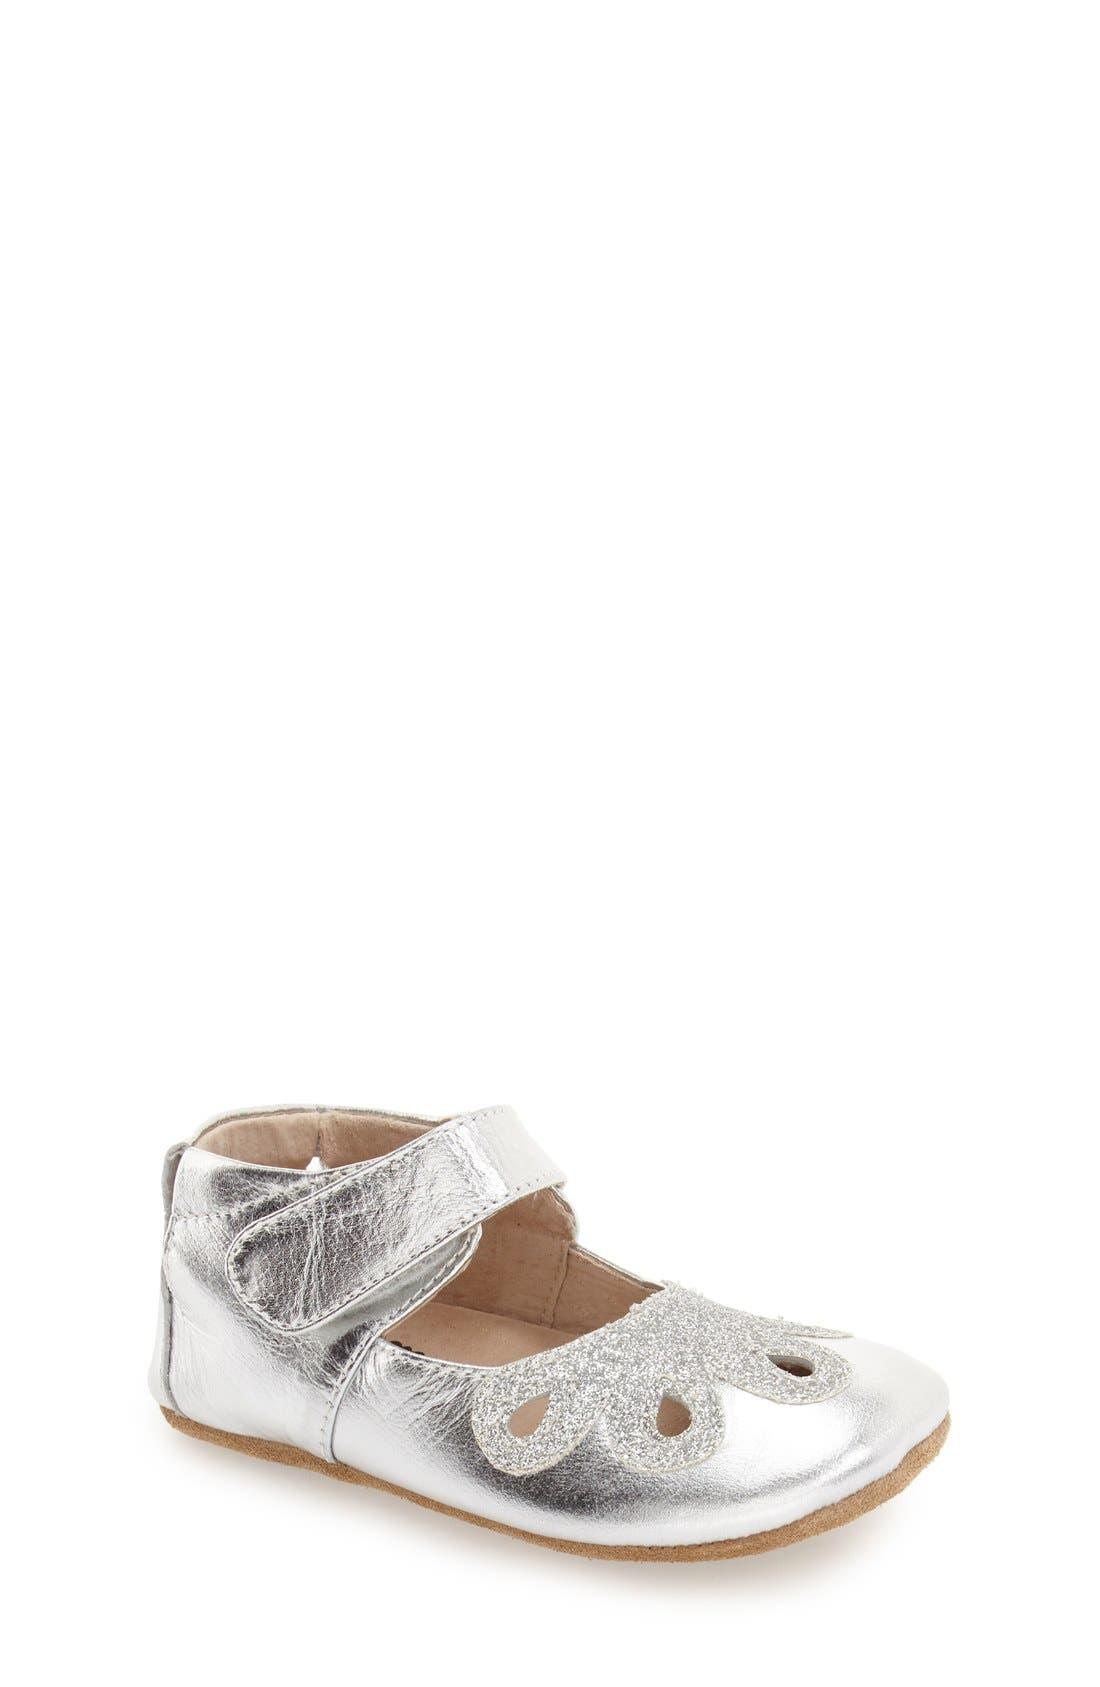 'Petal' Mary Jane Crib Shoe,                             Main thumbnail 1, color,                             040